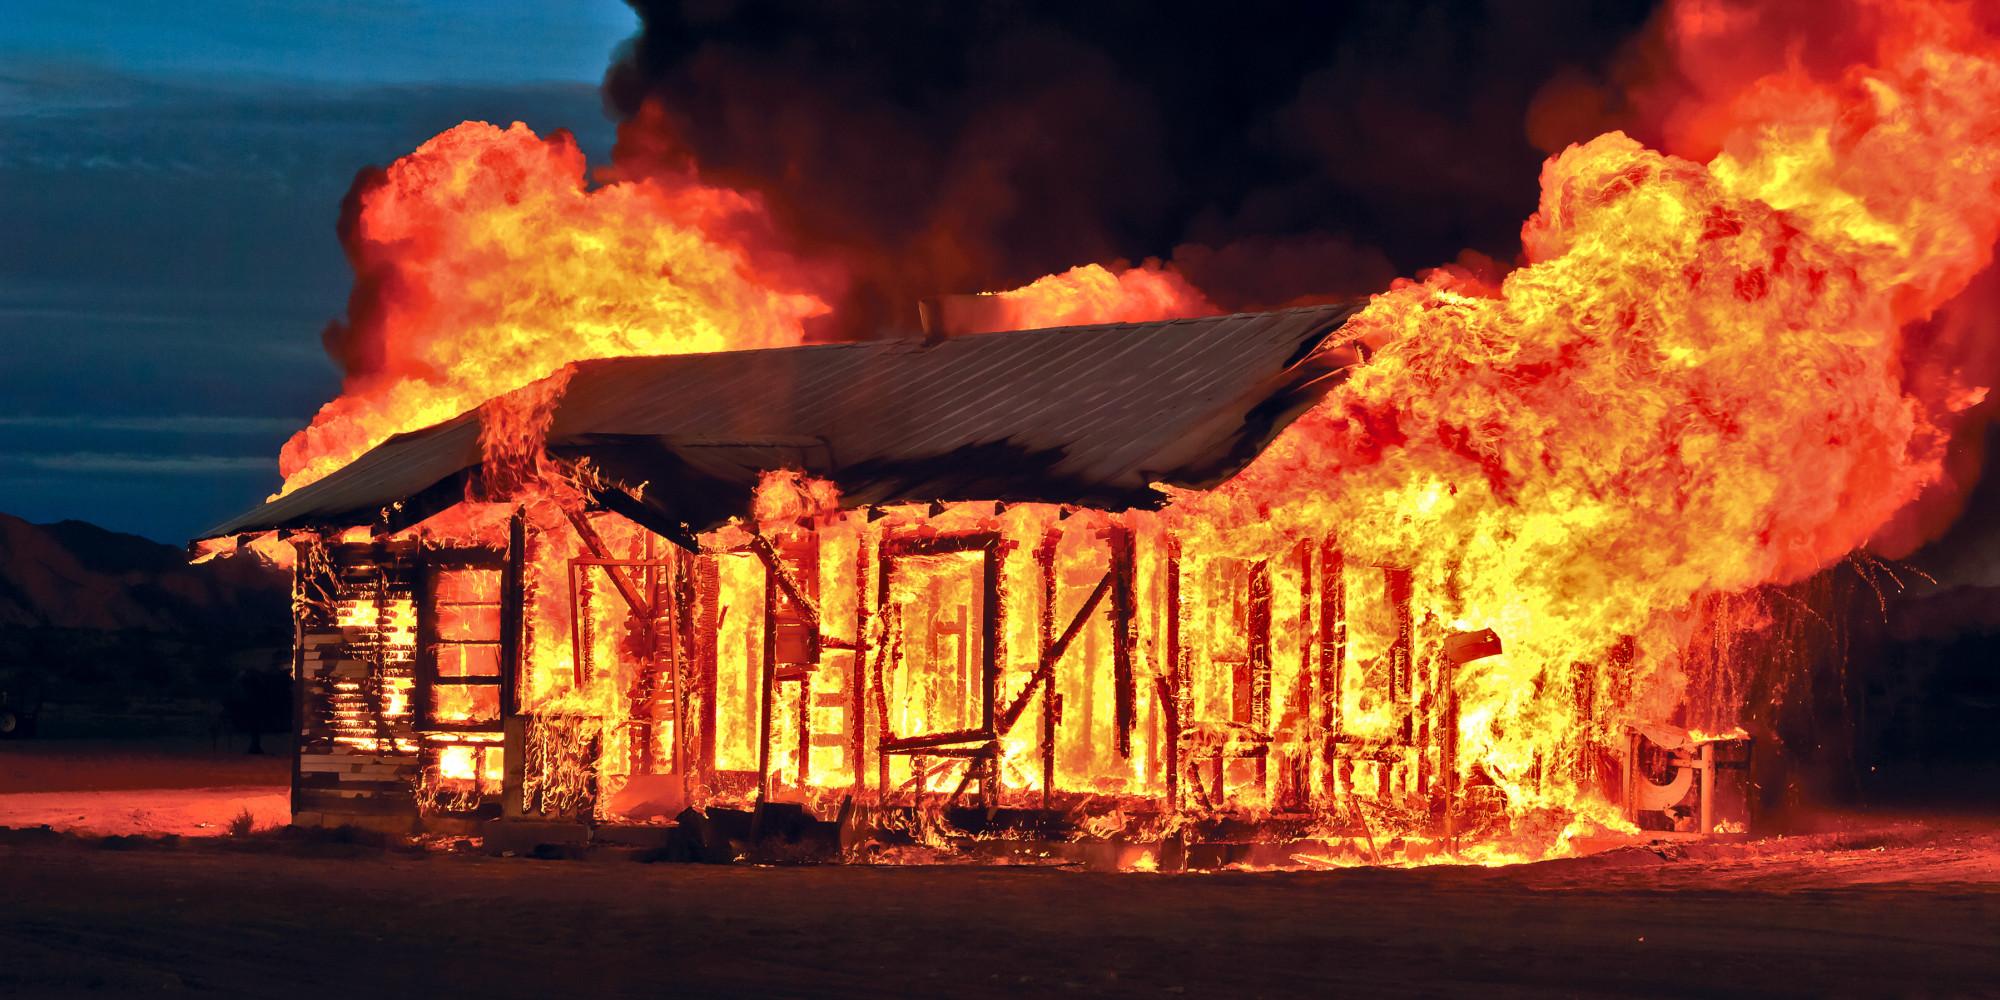 I Love Burning House